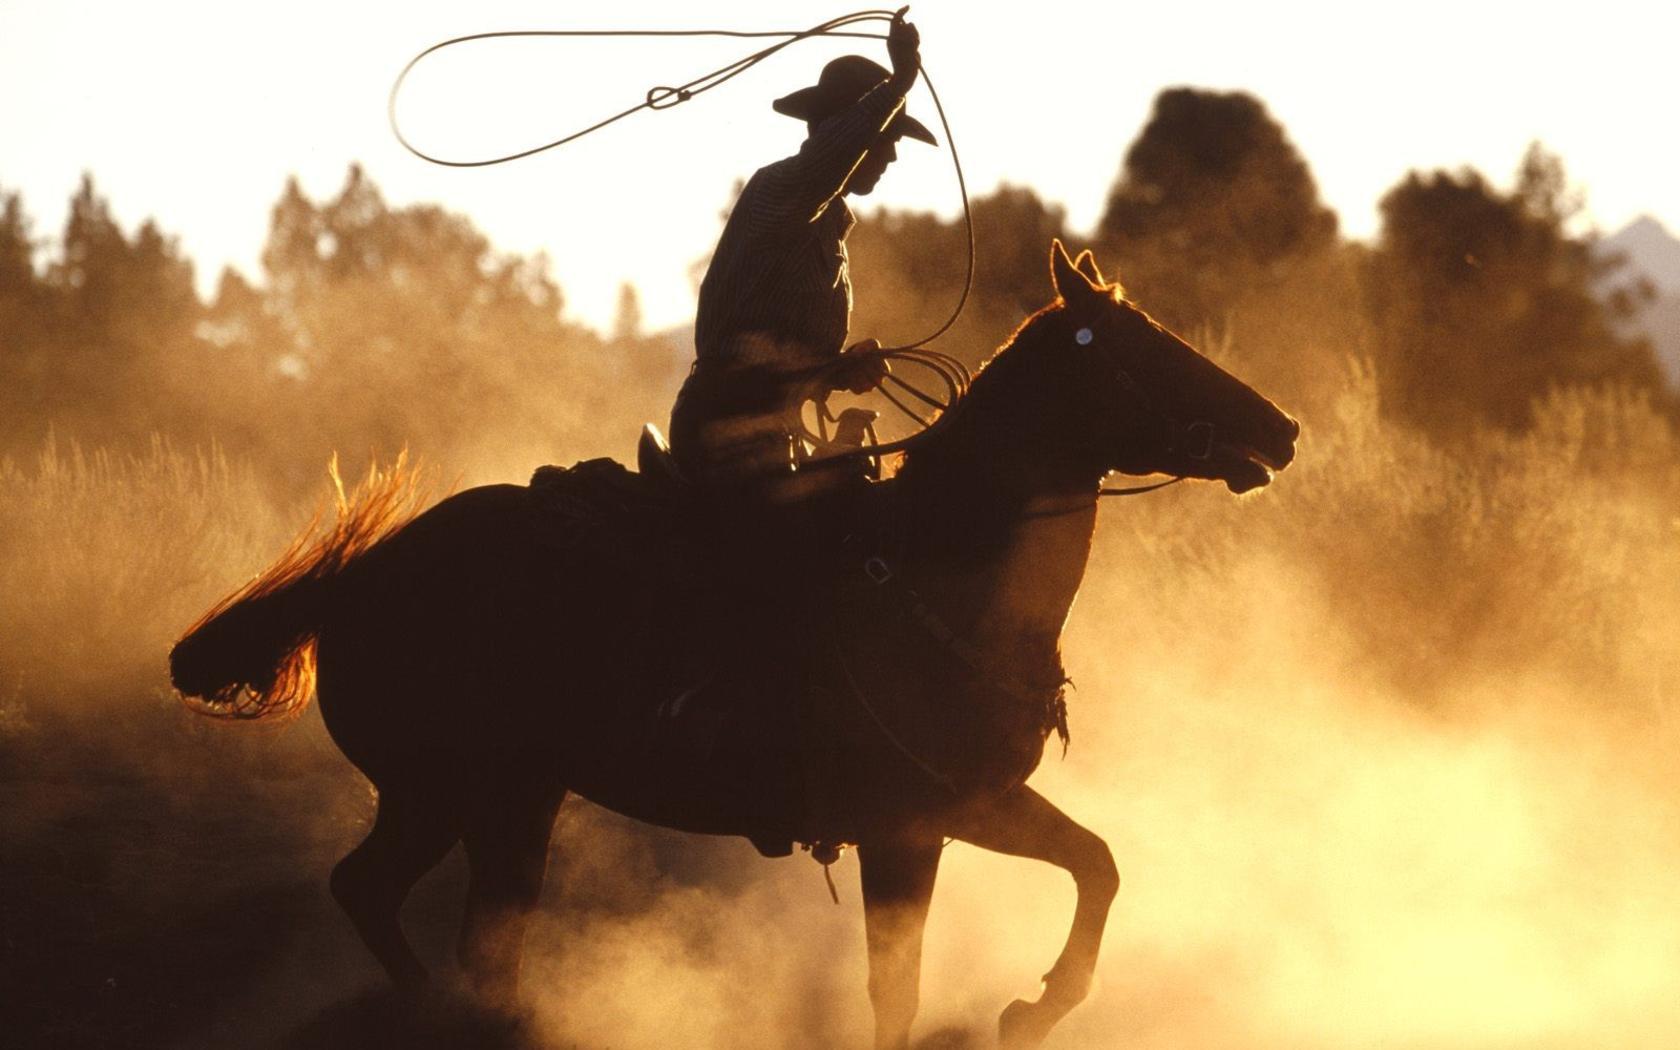 Extrêmement Coloriage Cow boy sur son cheval à imprimer UB44